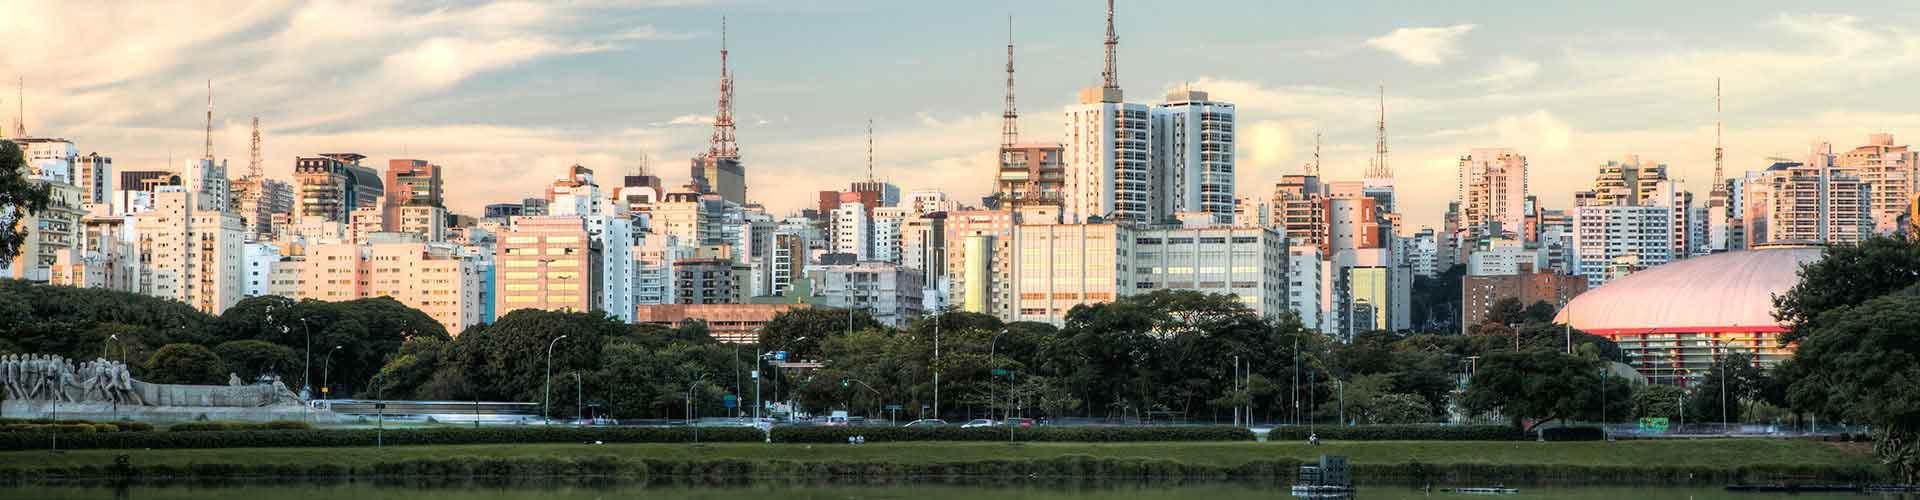 Sao Paulo - Hôtels dans le quartier de Perdizes. Cartes pour Sao Paulo, photos et commentaires pour chaque hôtel à Sao Paulo.